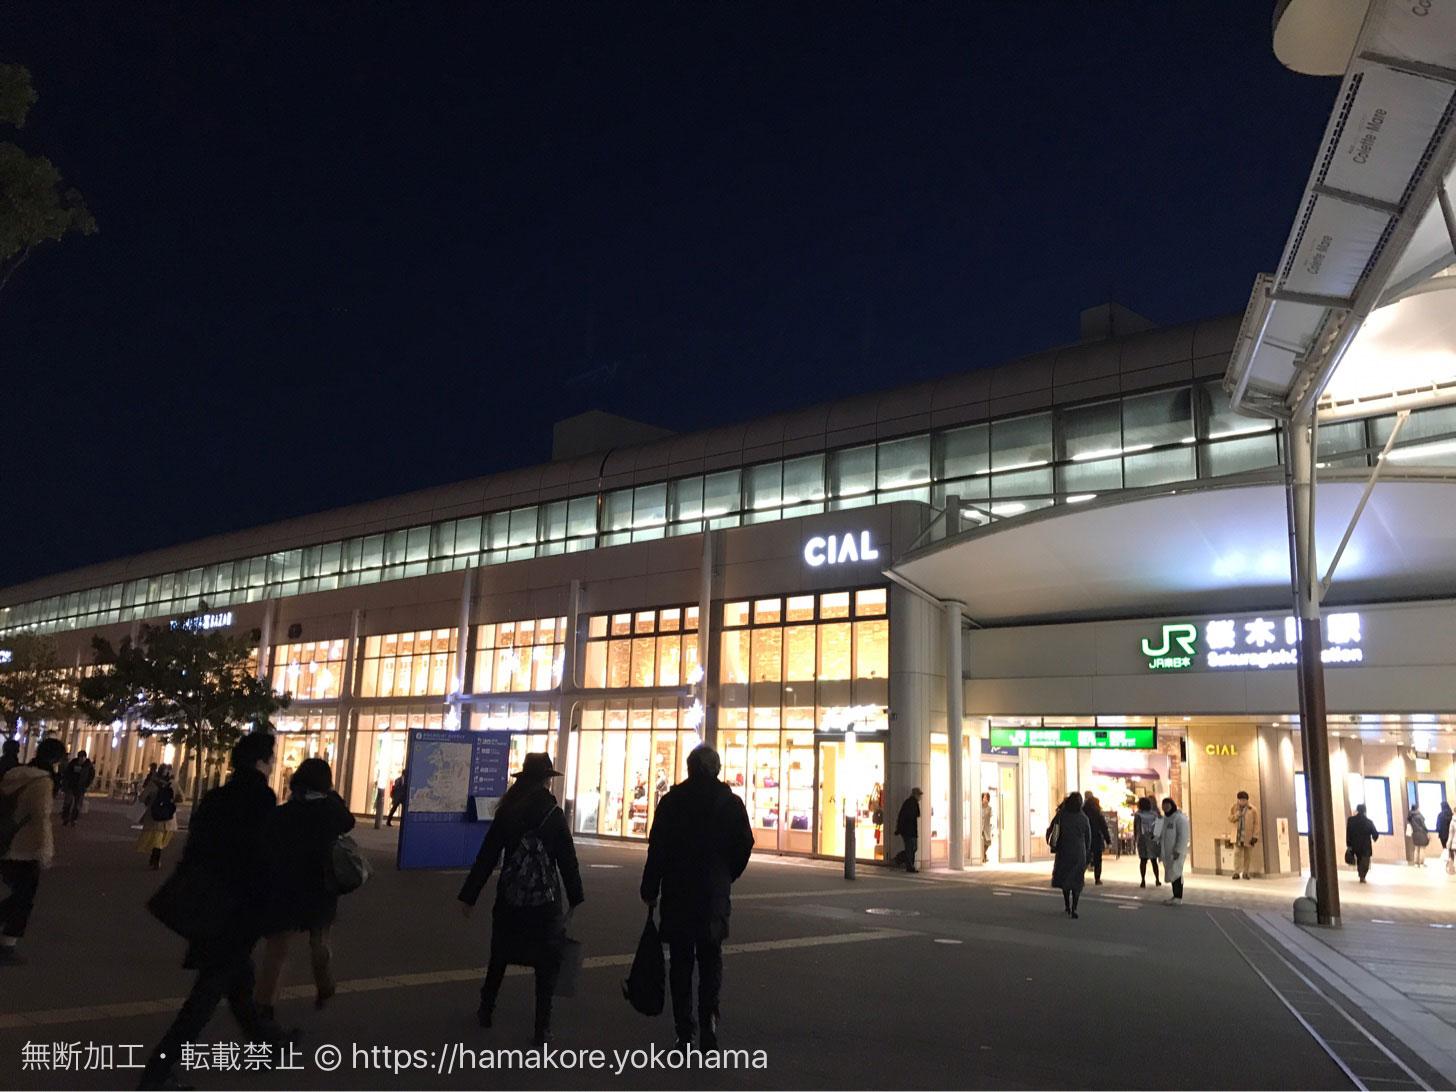 JR「桜木町駅」新改札口設置と複合ビル建設を発表 2020年度予定